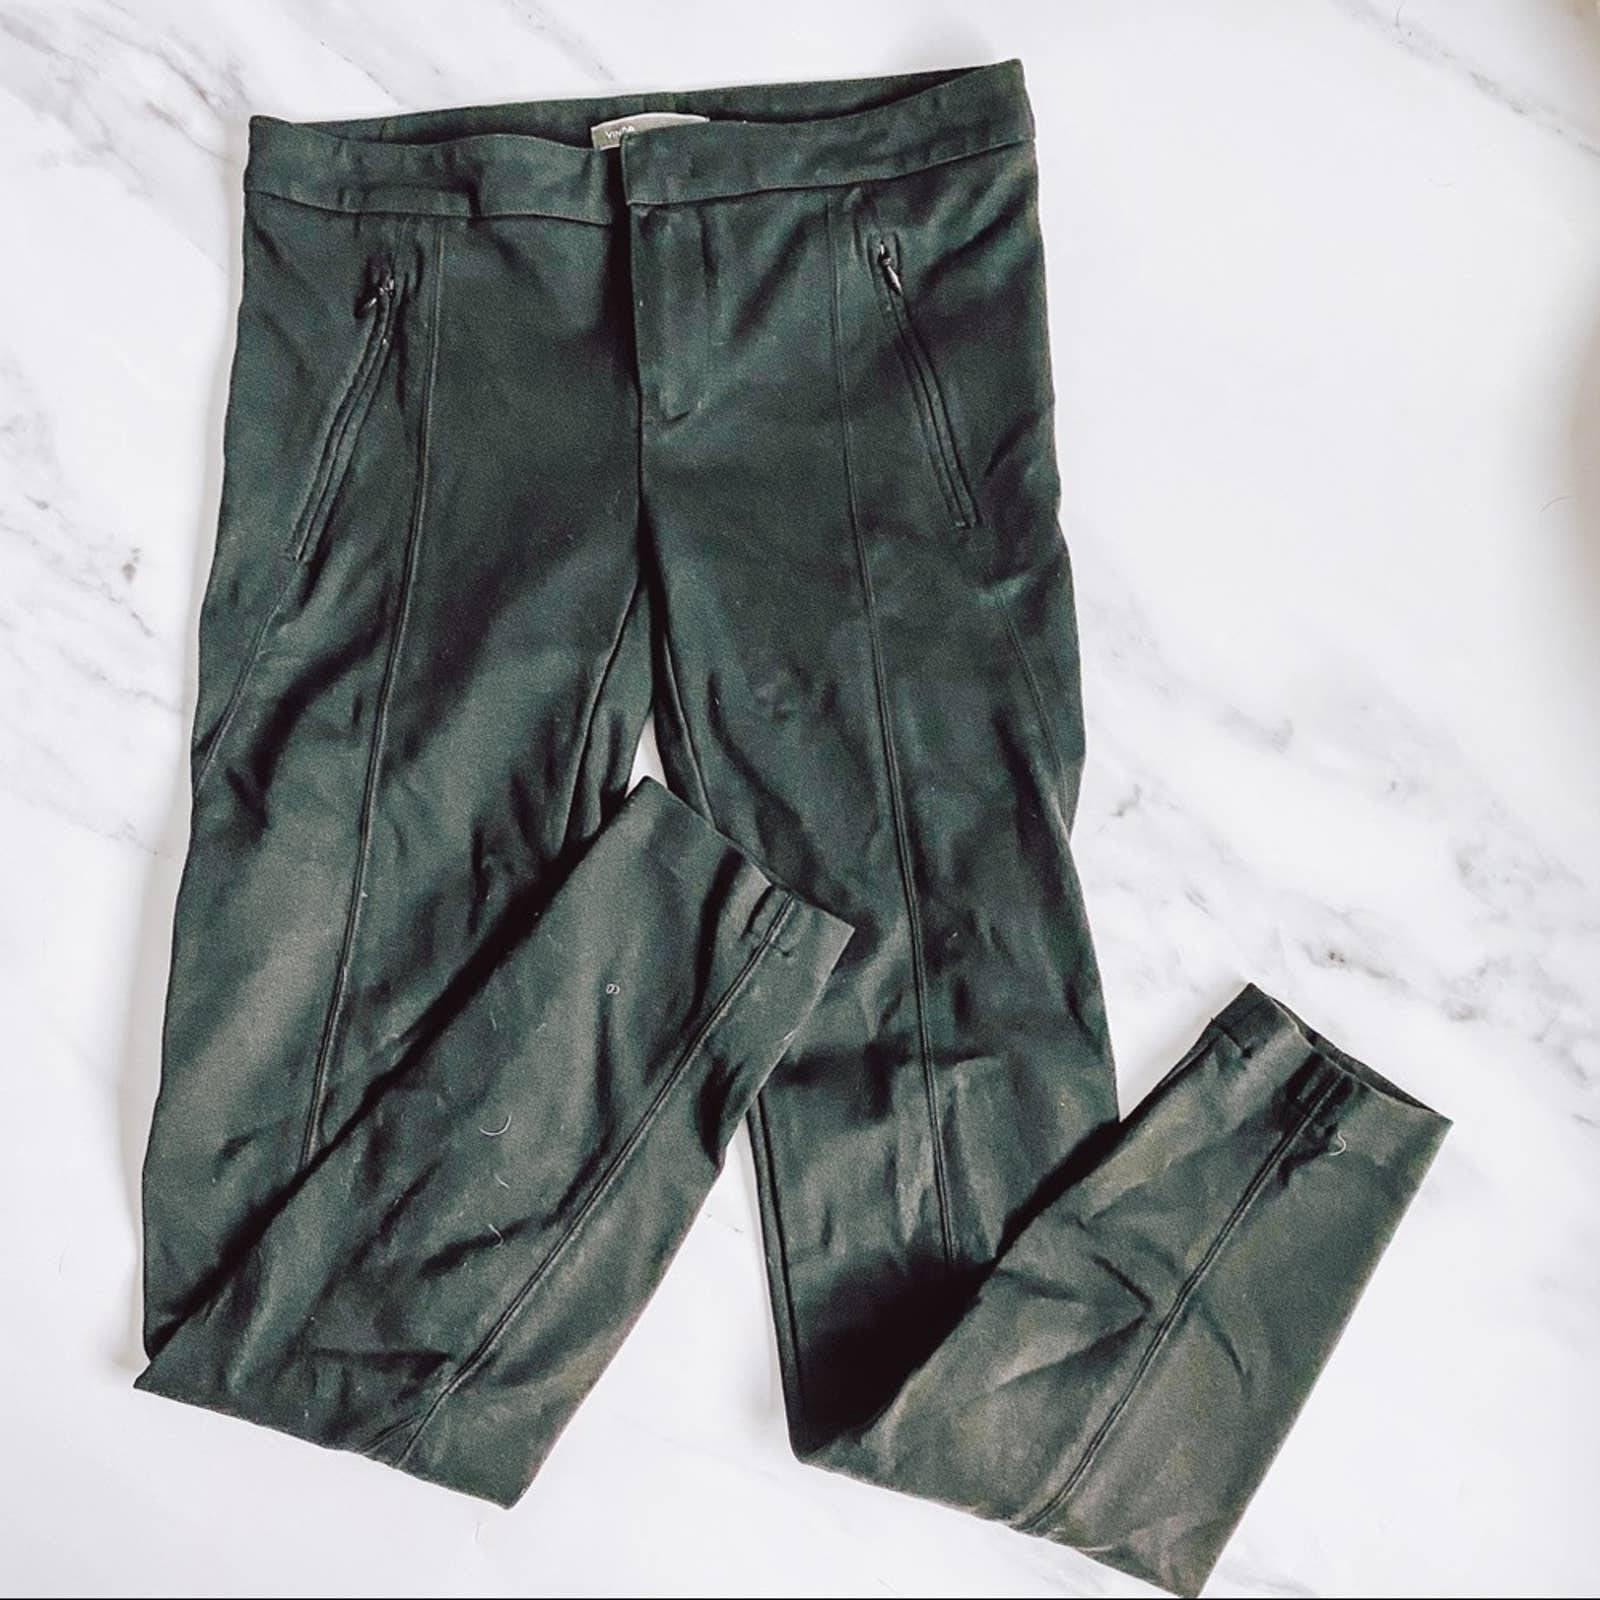 Vince Black Stretchy Pants Size 2